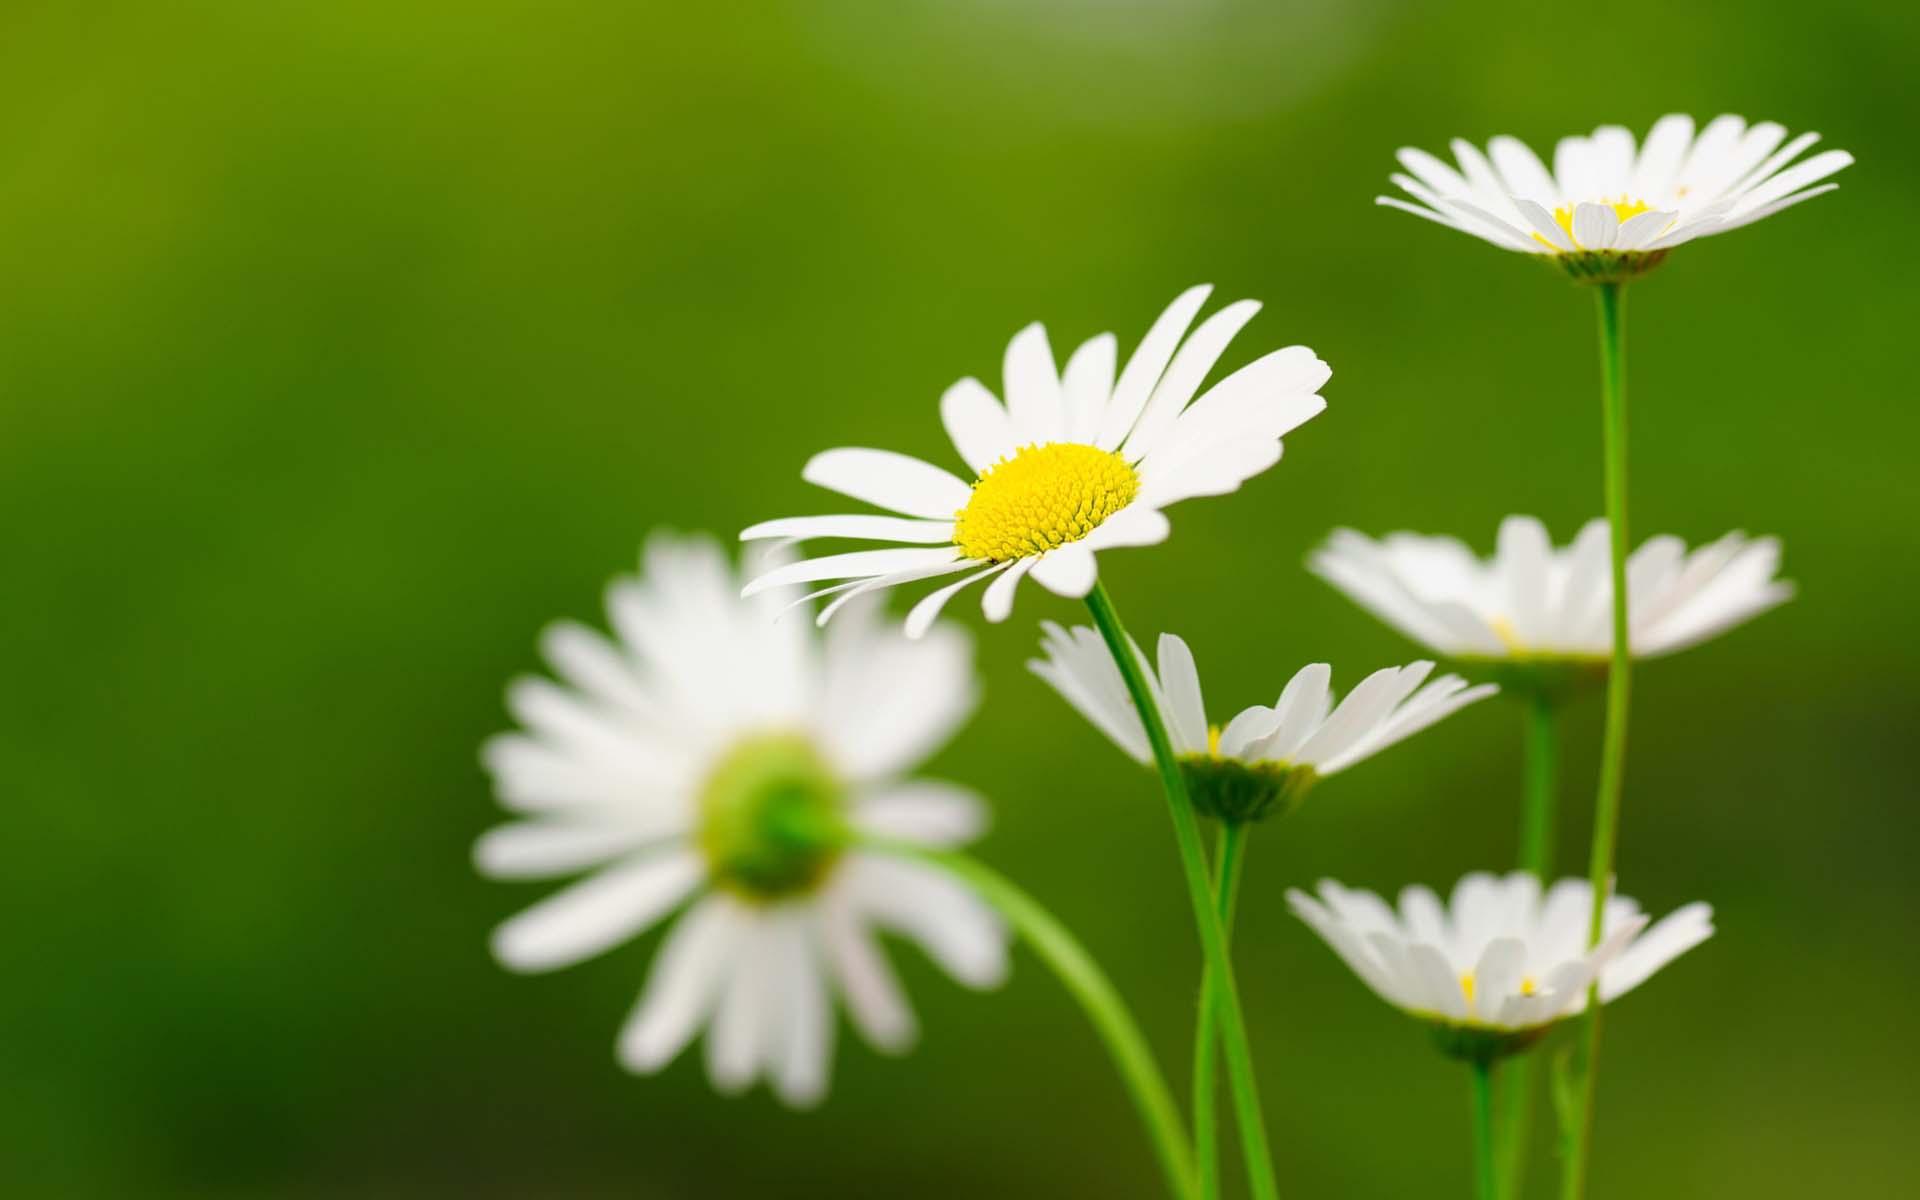 Hình nền hoa cúc đẹp